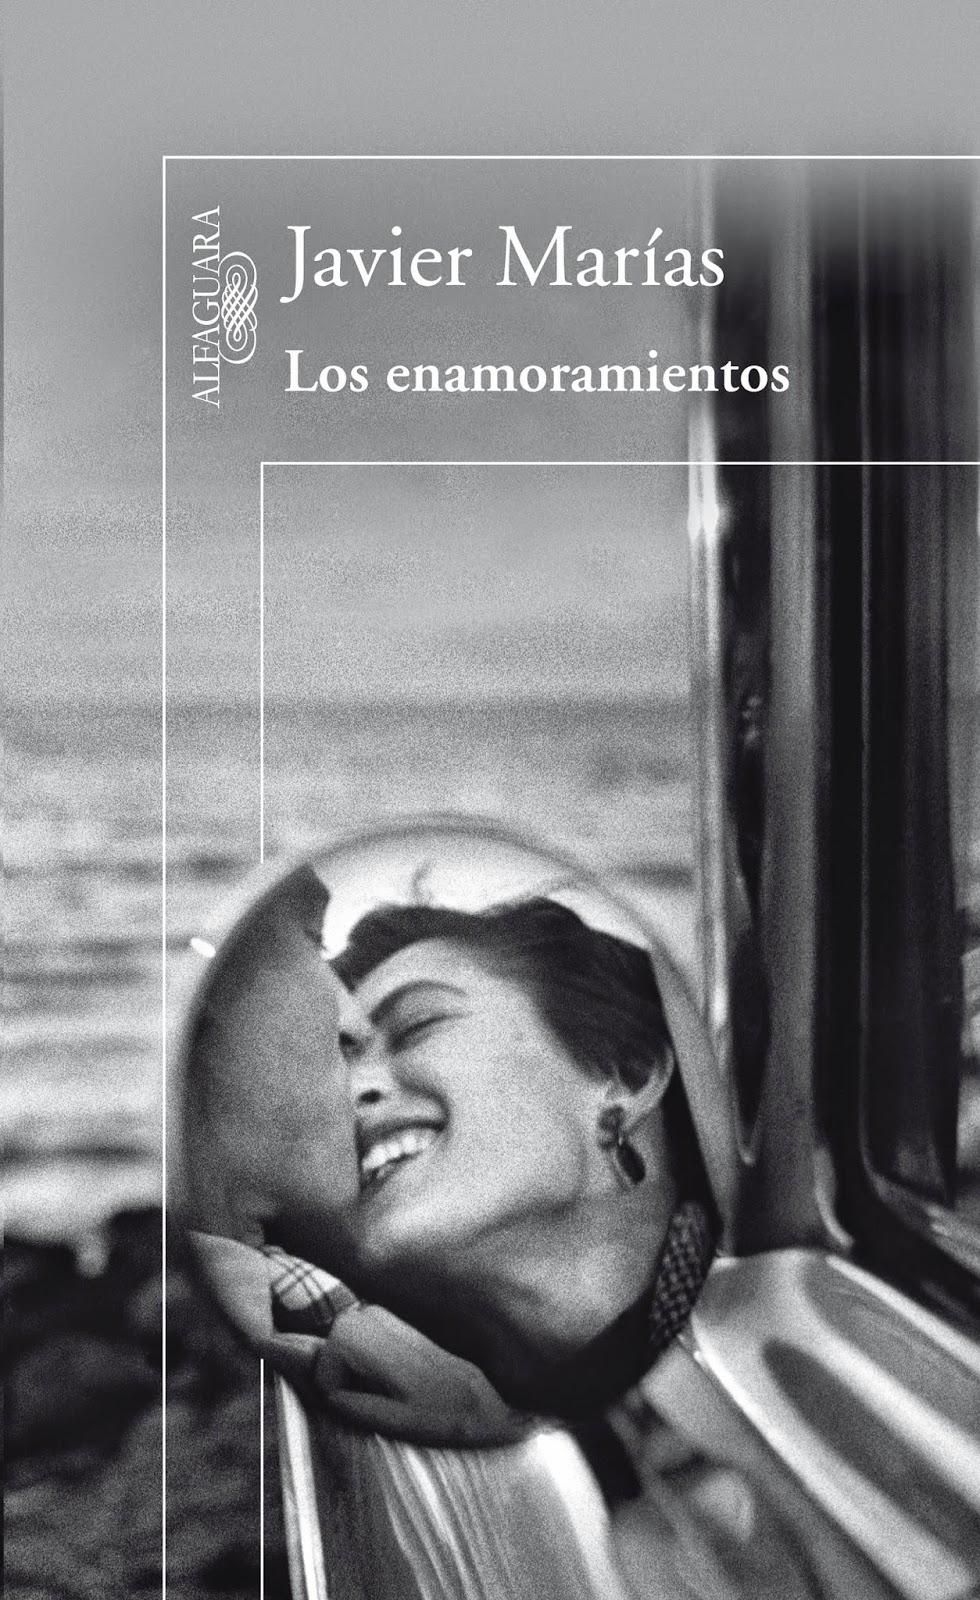 Reseña: Los enamoramientos, de Javier Marías